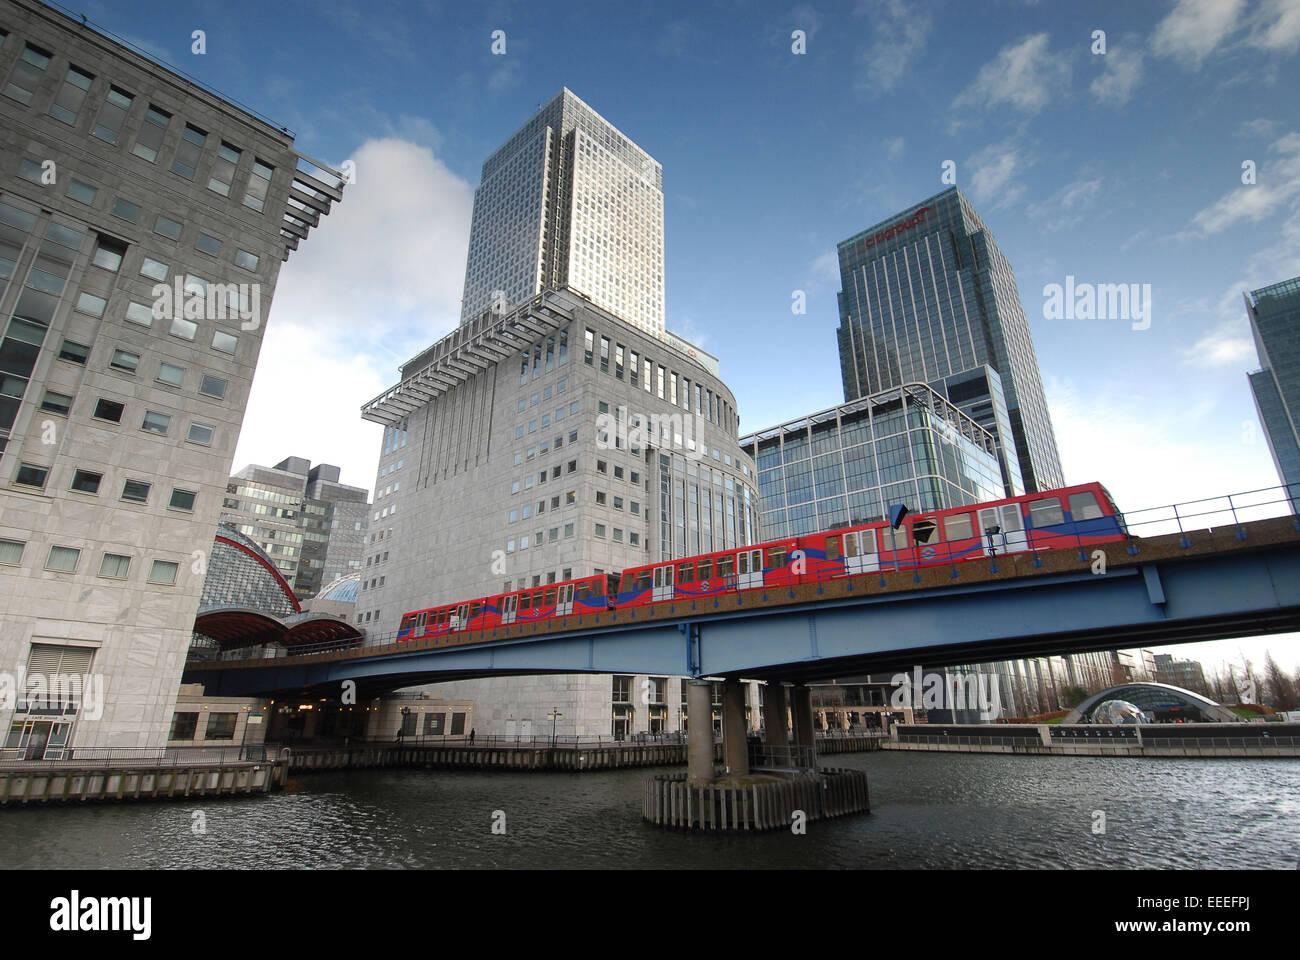 Tren DLR sobre el puente del ferrocarril en la zona de Docklands Imagen De Stock